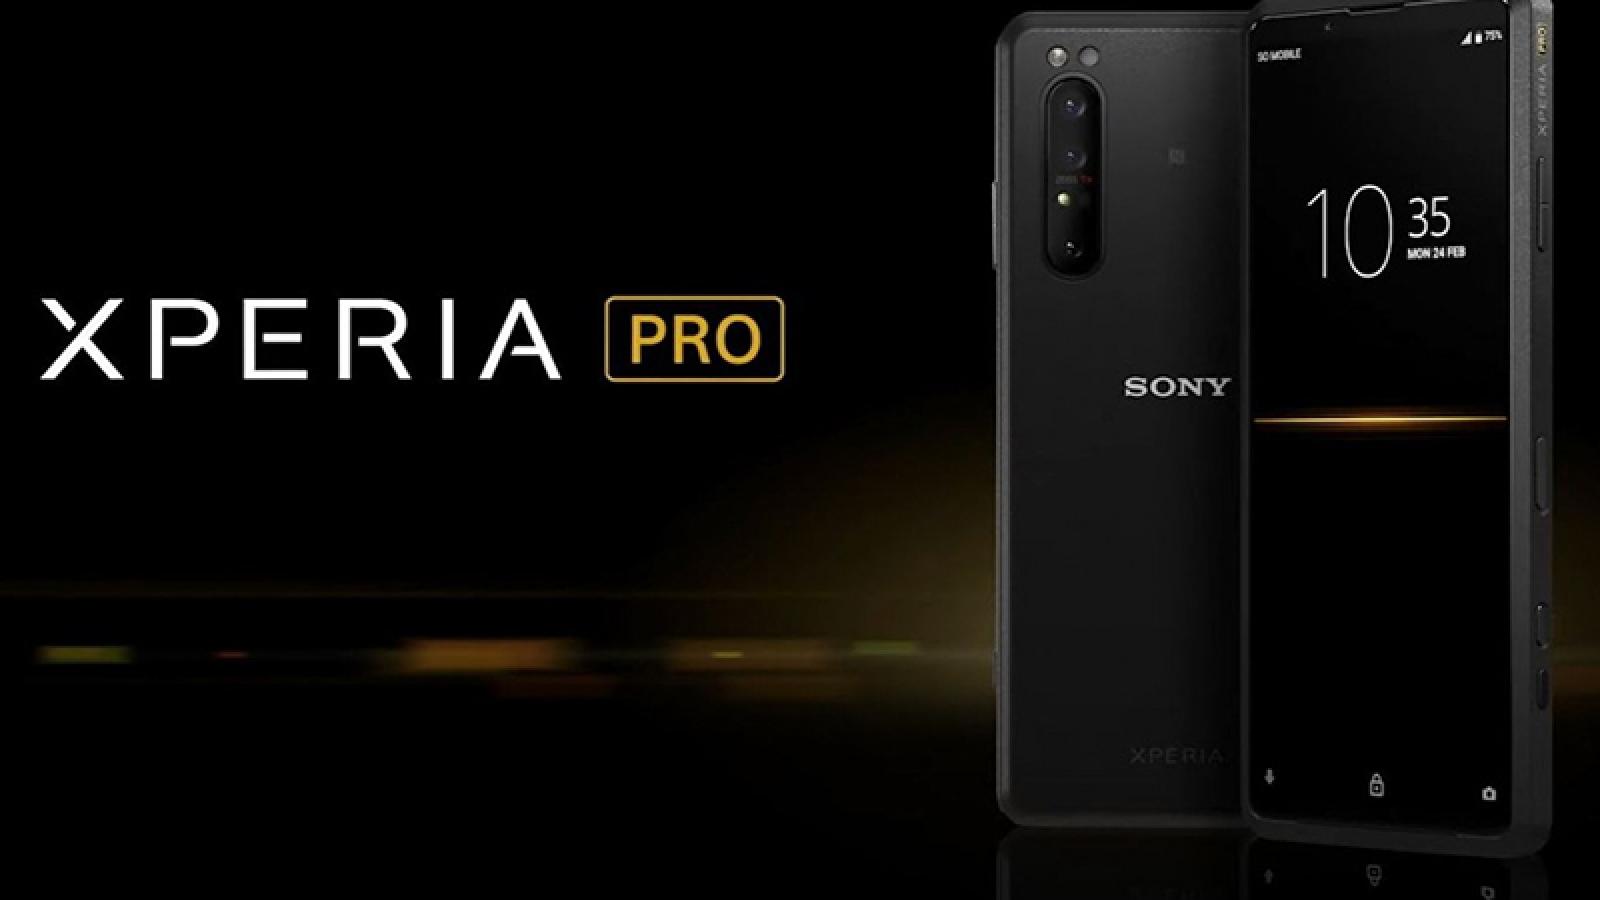 Sony Xperia Pro chính thức lên kệ với giá cao ngất ngưởng